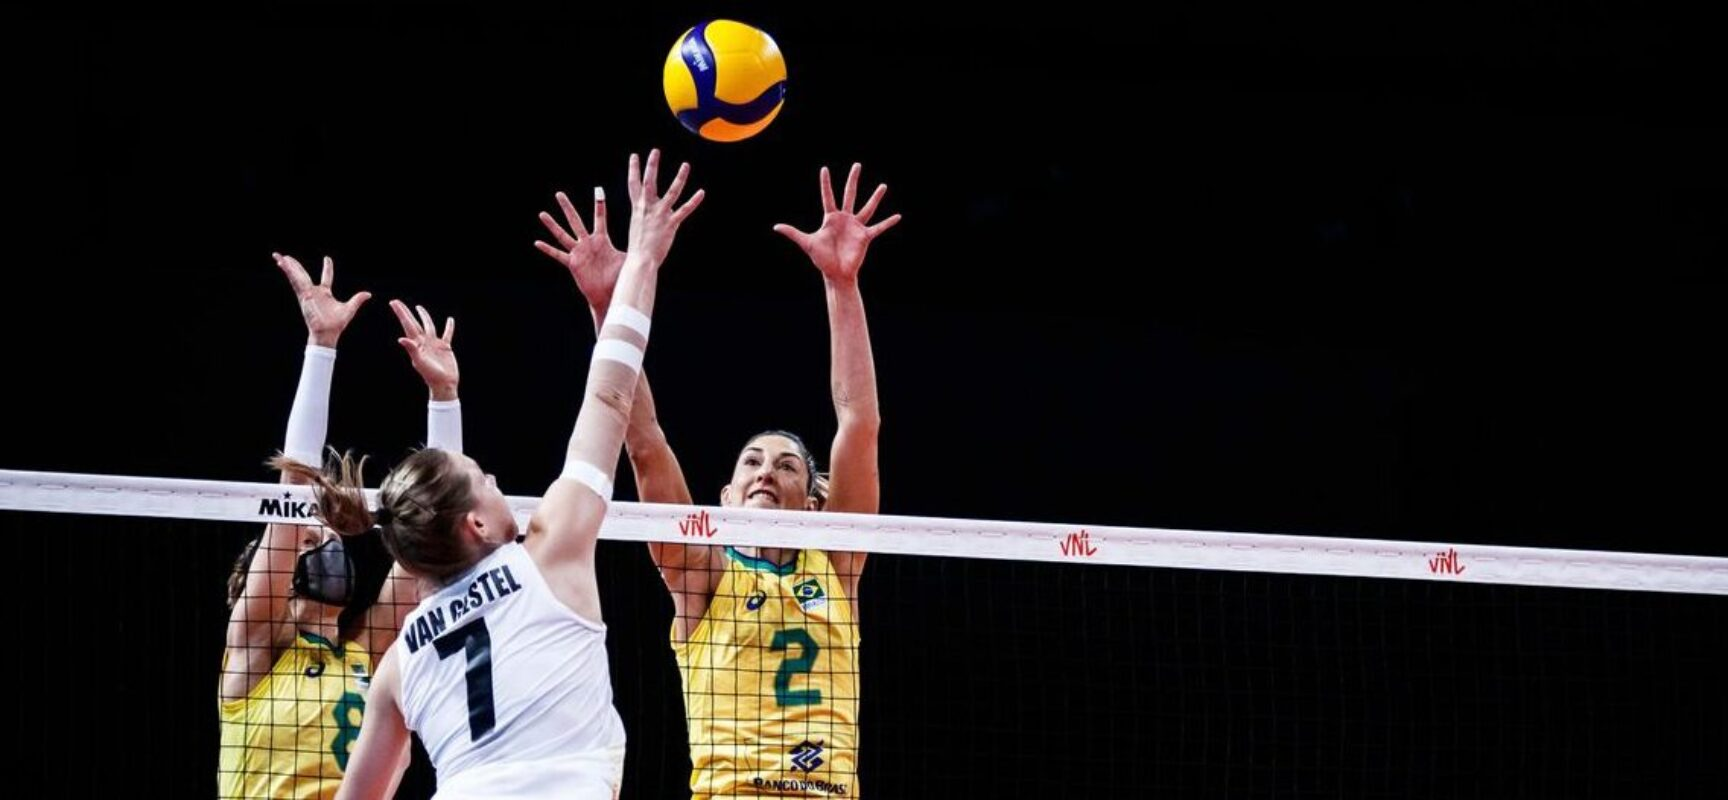 Brasil bate Bélgica e sobe na tabela da Liga das Nações feminina